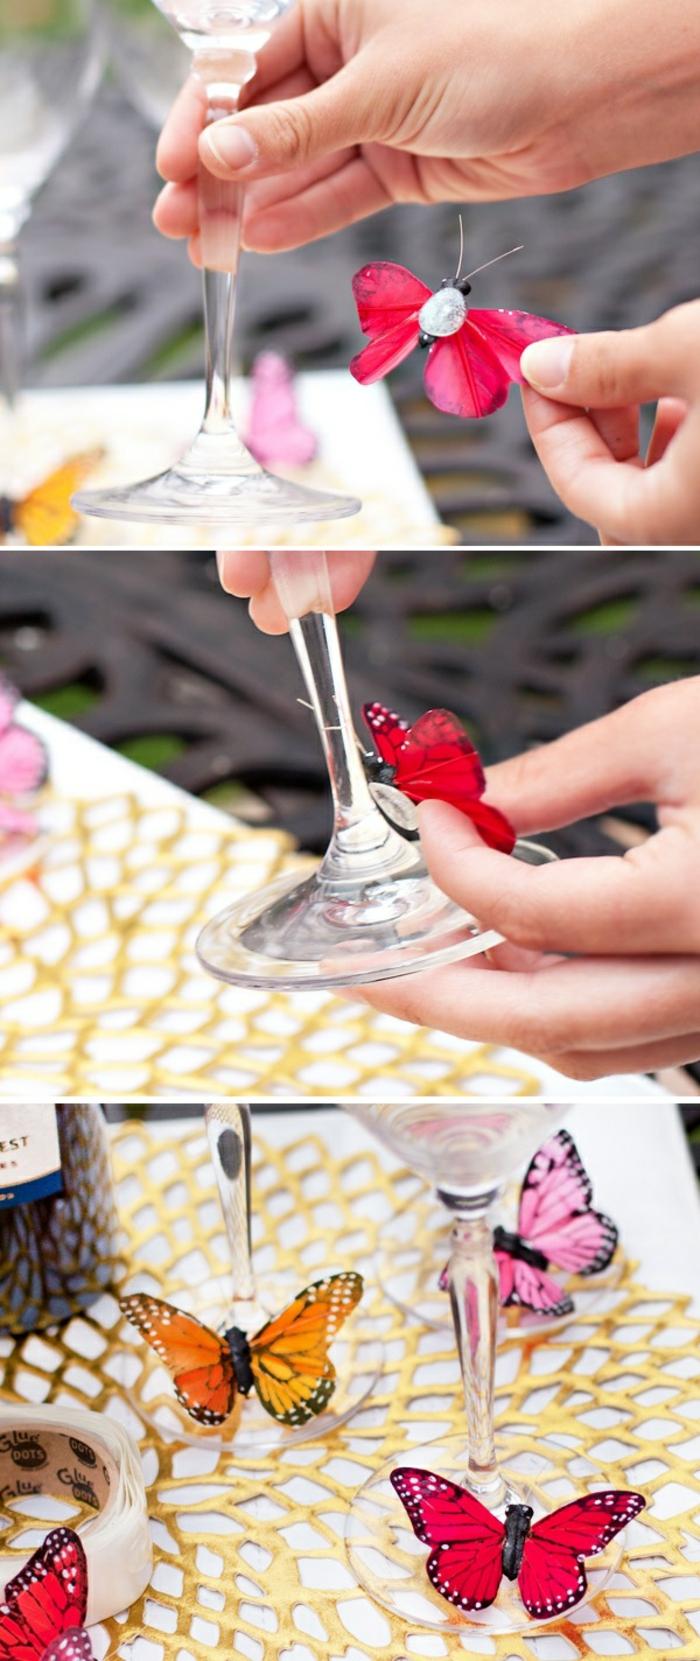 basteln mit gl C3 A4sern schmetterling glas dekoration selber machen glasstiele verzieren